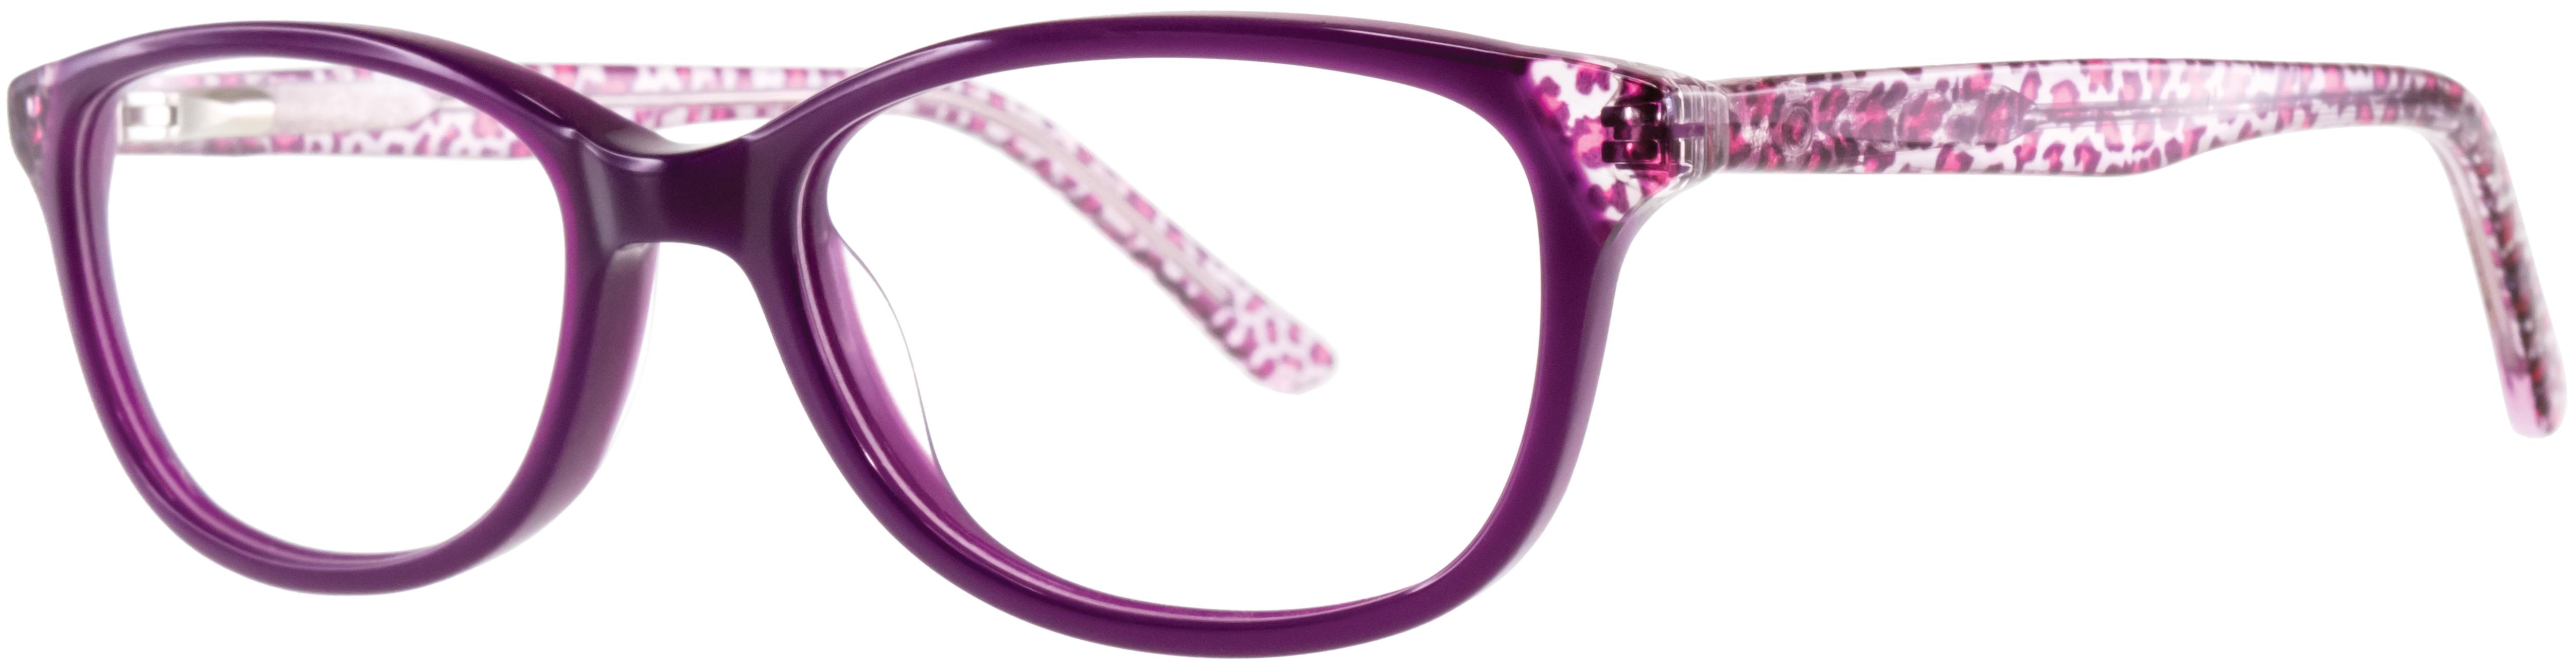 Match Eyewear: FLT-KP-253